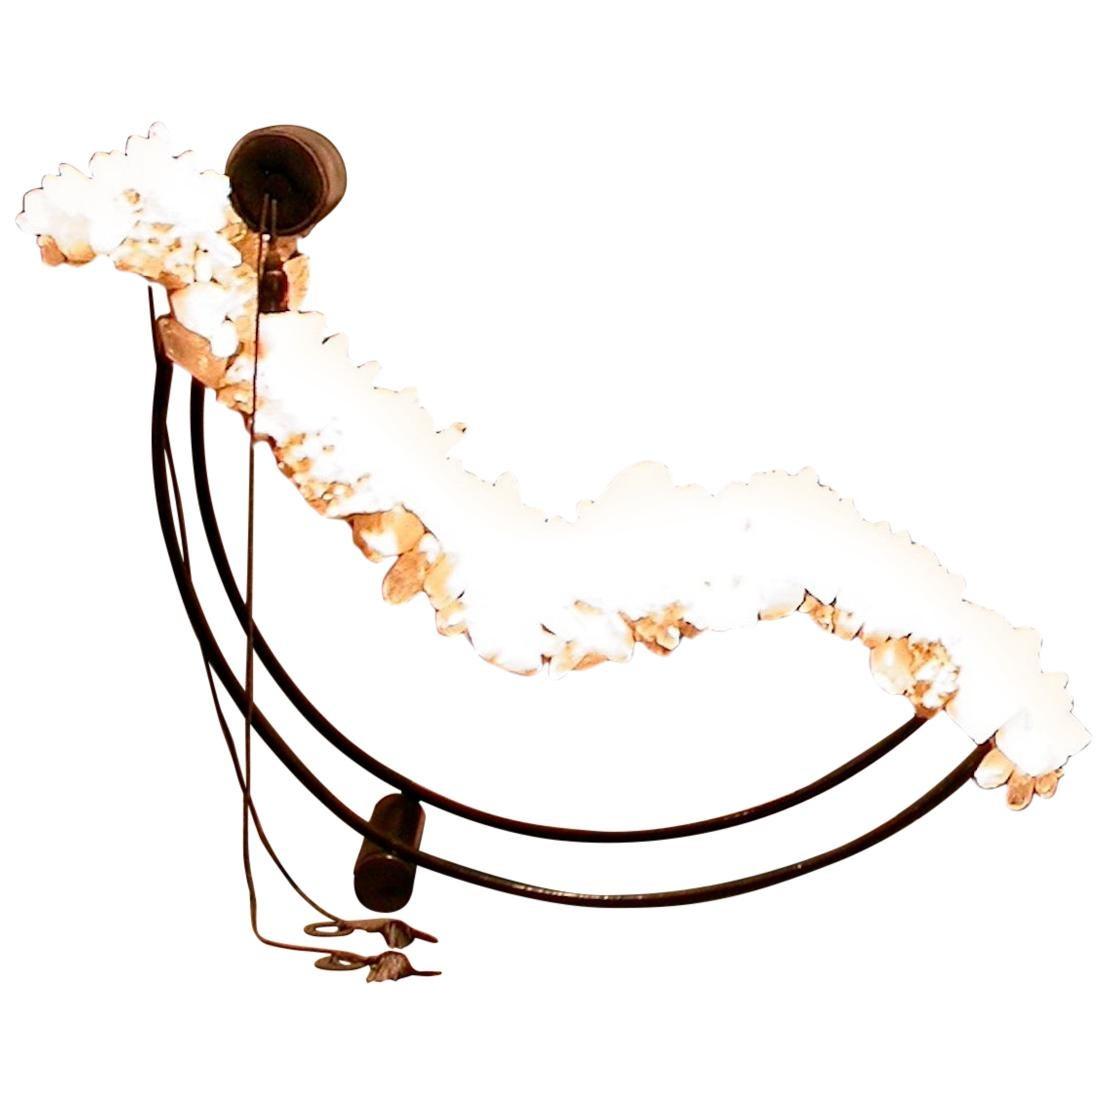 LC-Quartz, Original Decorative Object by Carlo Maria Maggia, 2020